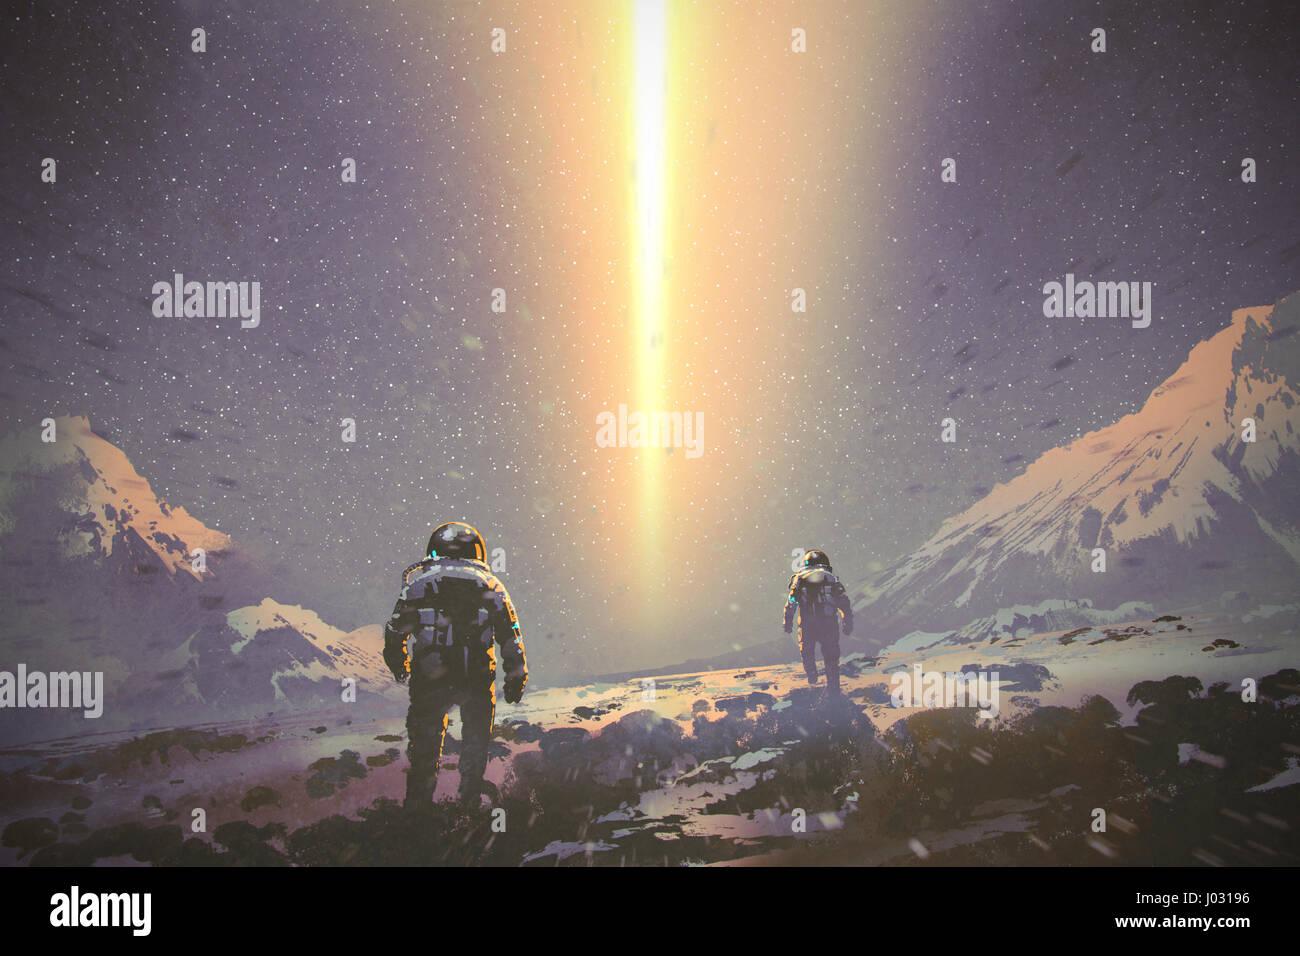 Les astronautes marcher à faisceau lumineux mystère du ciel, sci-fi, concept illustration peinture Photo Stock